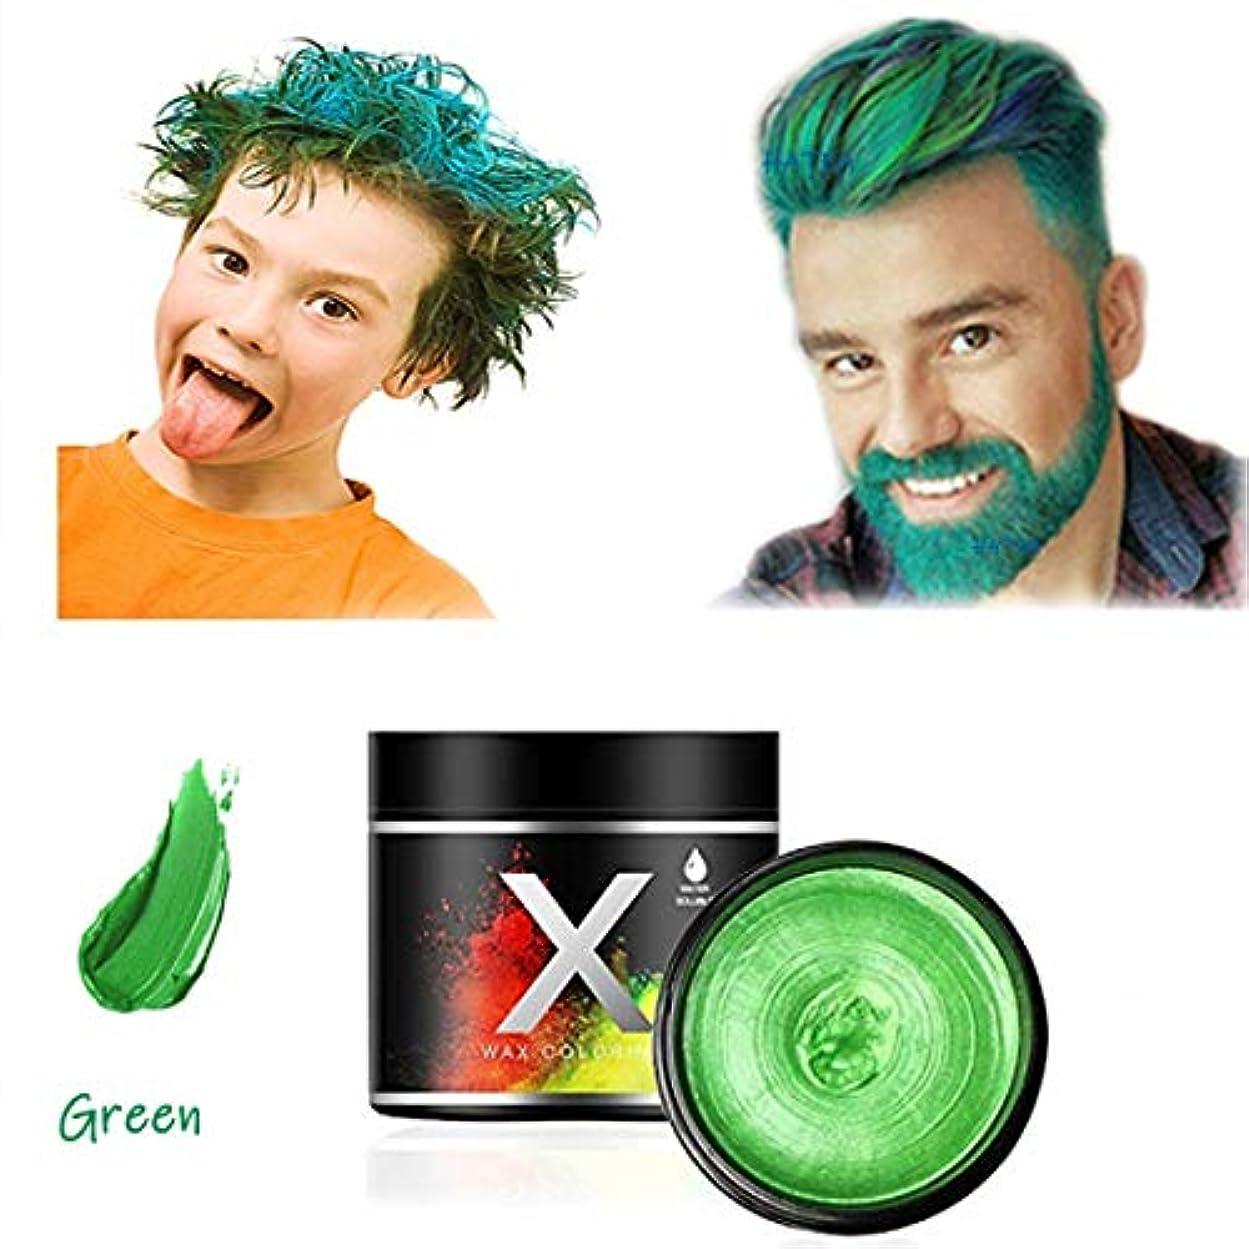 賢い問い合わせ安いですヘアカラーワックス、一時的なモデリングナチュラルカラーヘアダイワックス、一時的なヘアスタイルクリーム、パーティー、コスプレ、パーティー、仮装、ナイトクラブ、ハロウィンのためのスタイルワックス (グリーン)